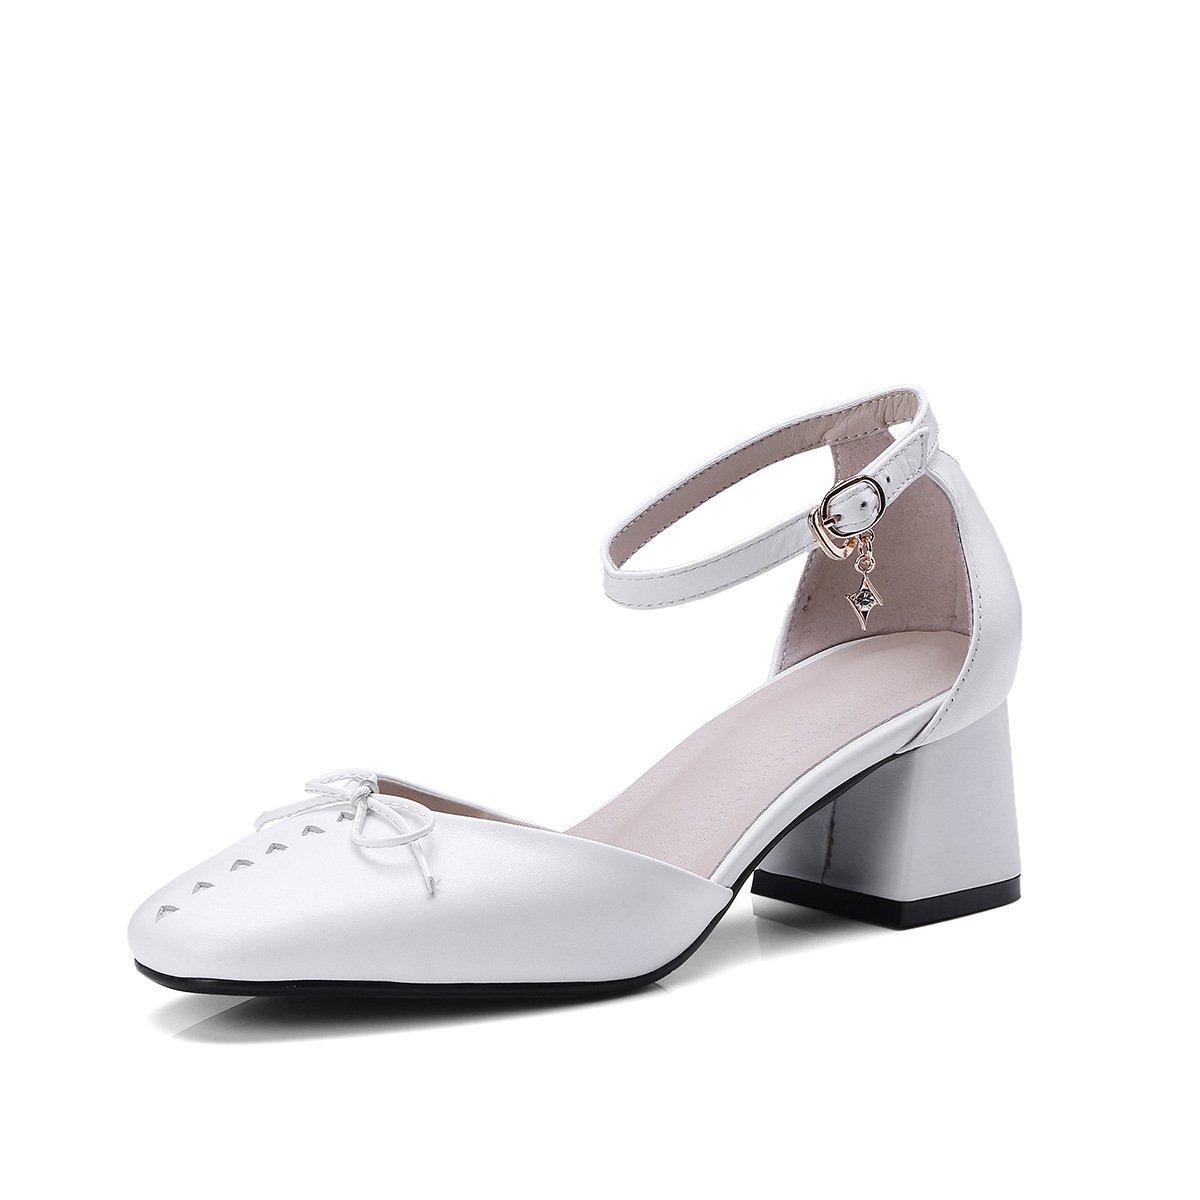 JING Sandales white féminines Chaussures Femmes Cuir Creux Doux Sandales tirant la à Créneaux en Noeud Papillon à la Taille de l audacieuse Femme Code Sandales white d0e3a42 - epictionpvp.space